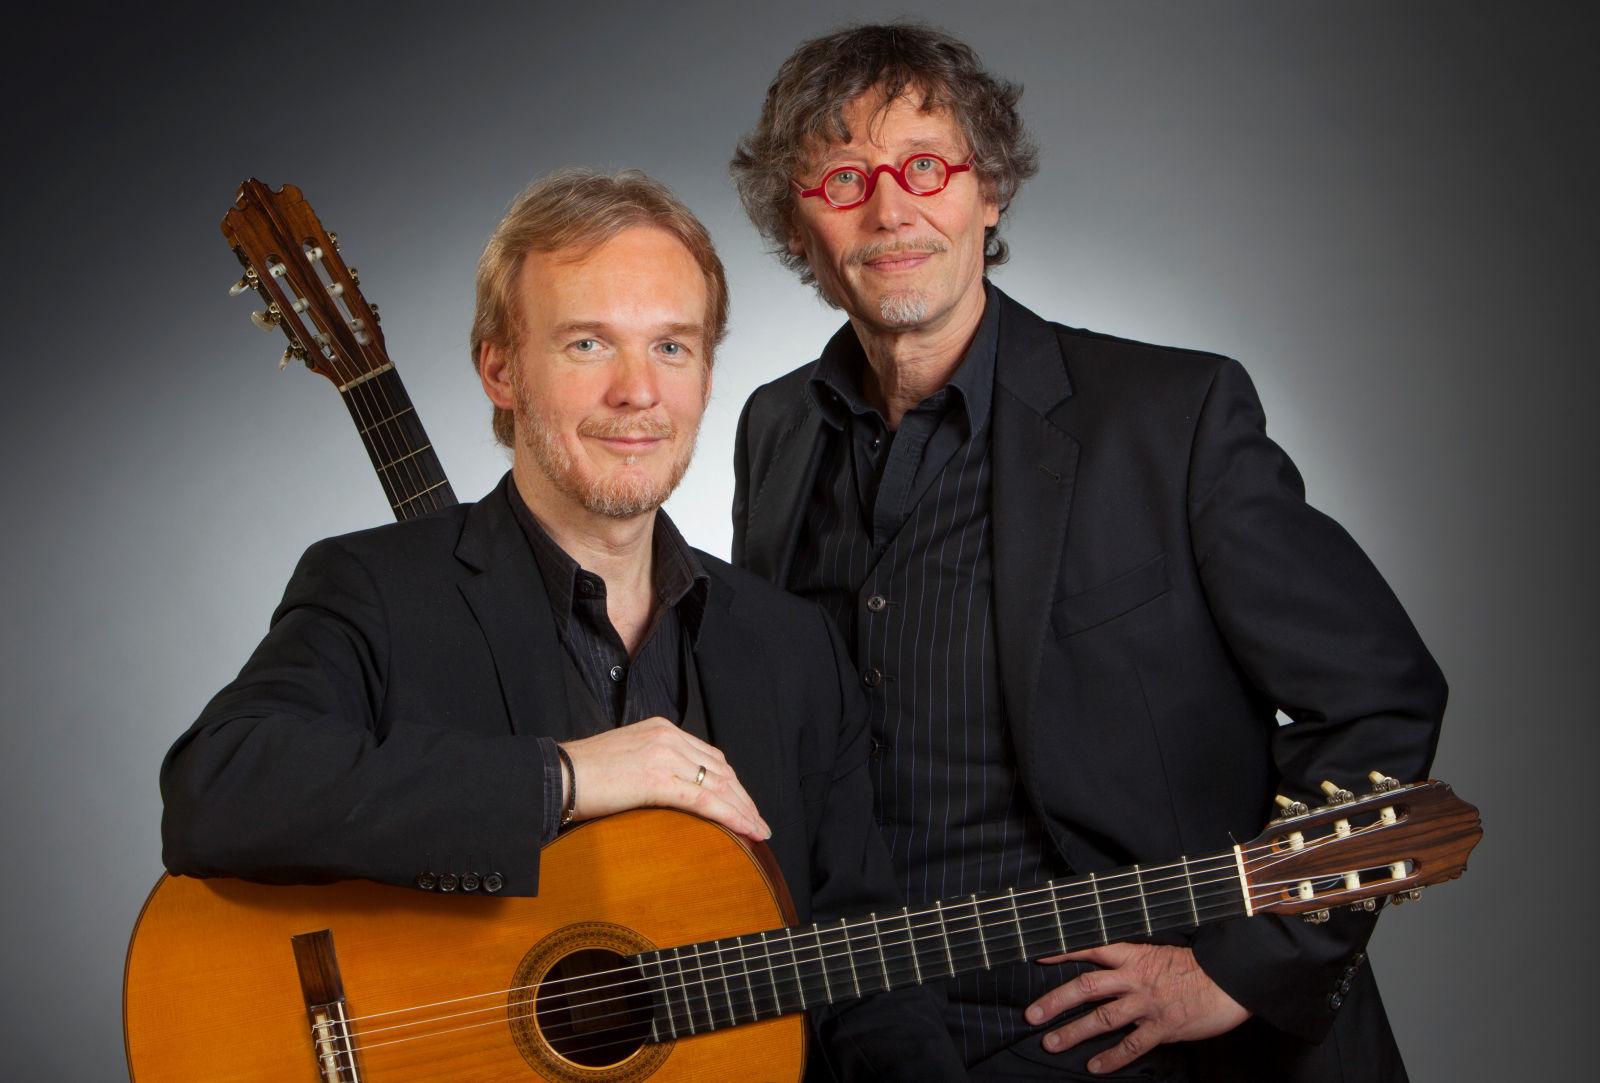 Kulturhäppchen, Bernd Steinmann, Stefan Loos